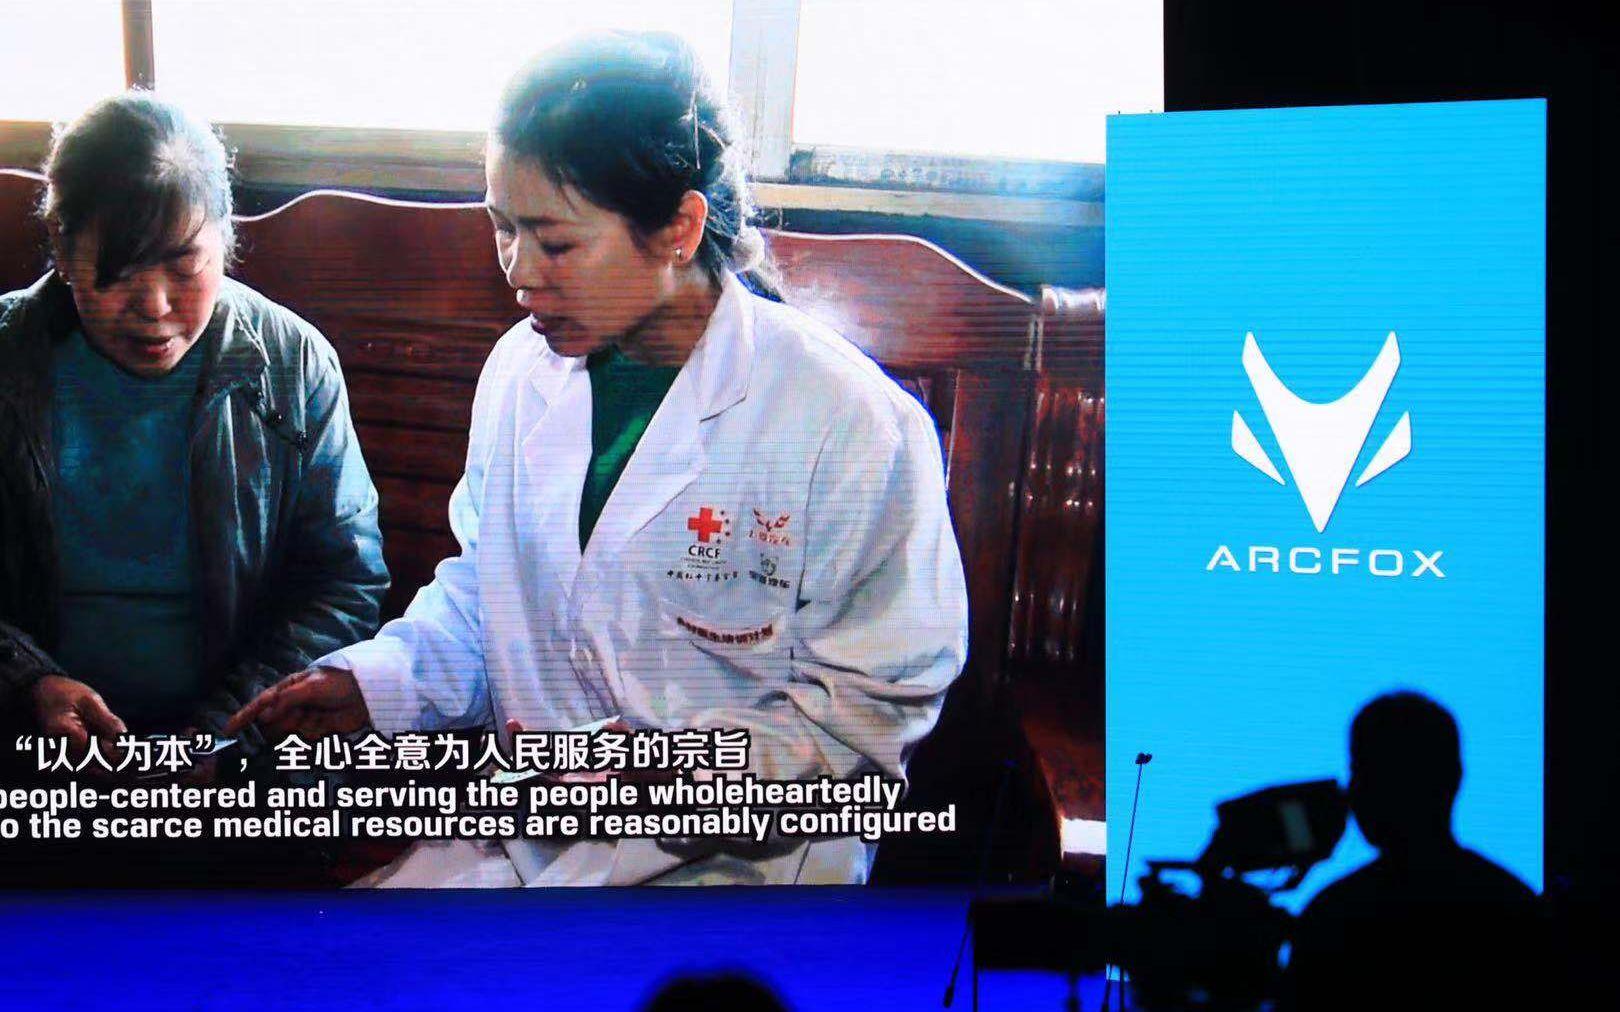 2019北京国际设计周开幕 神舟五号获经典设计奖